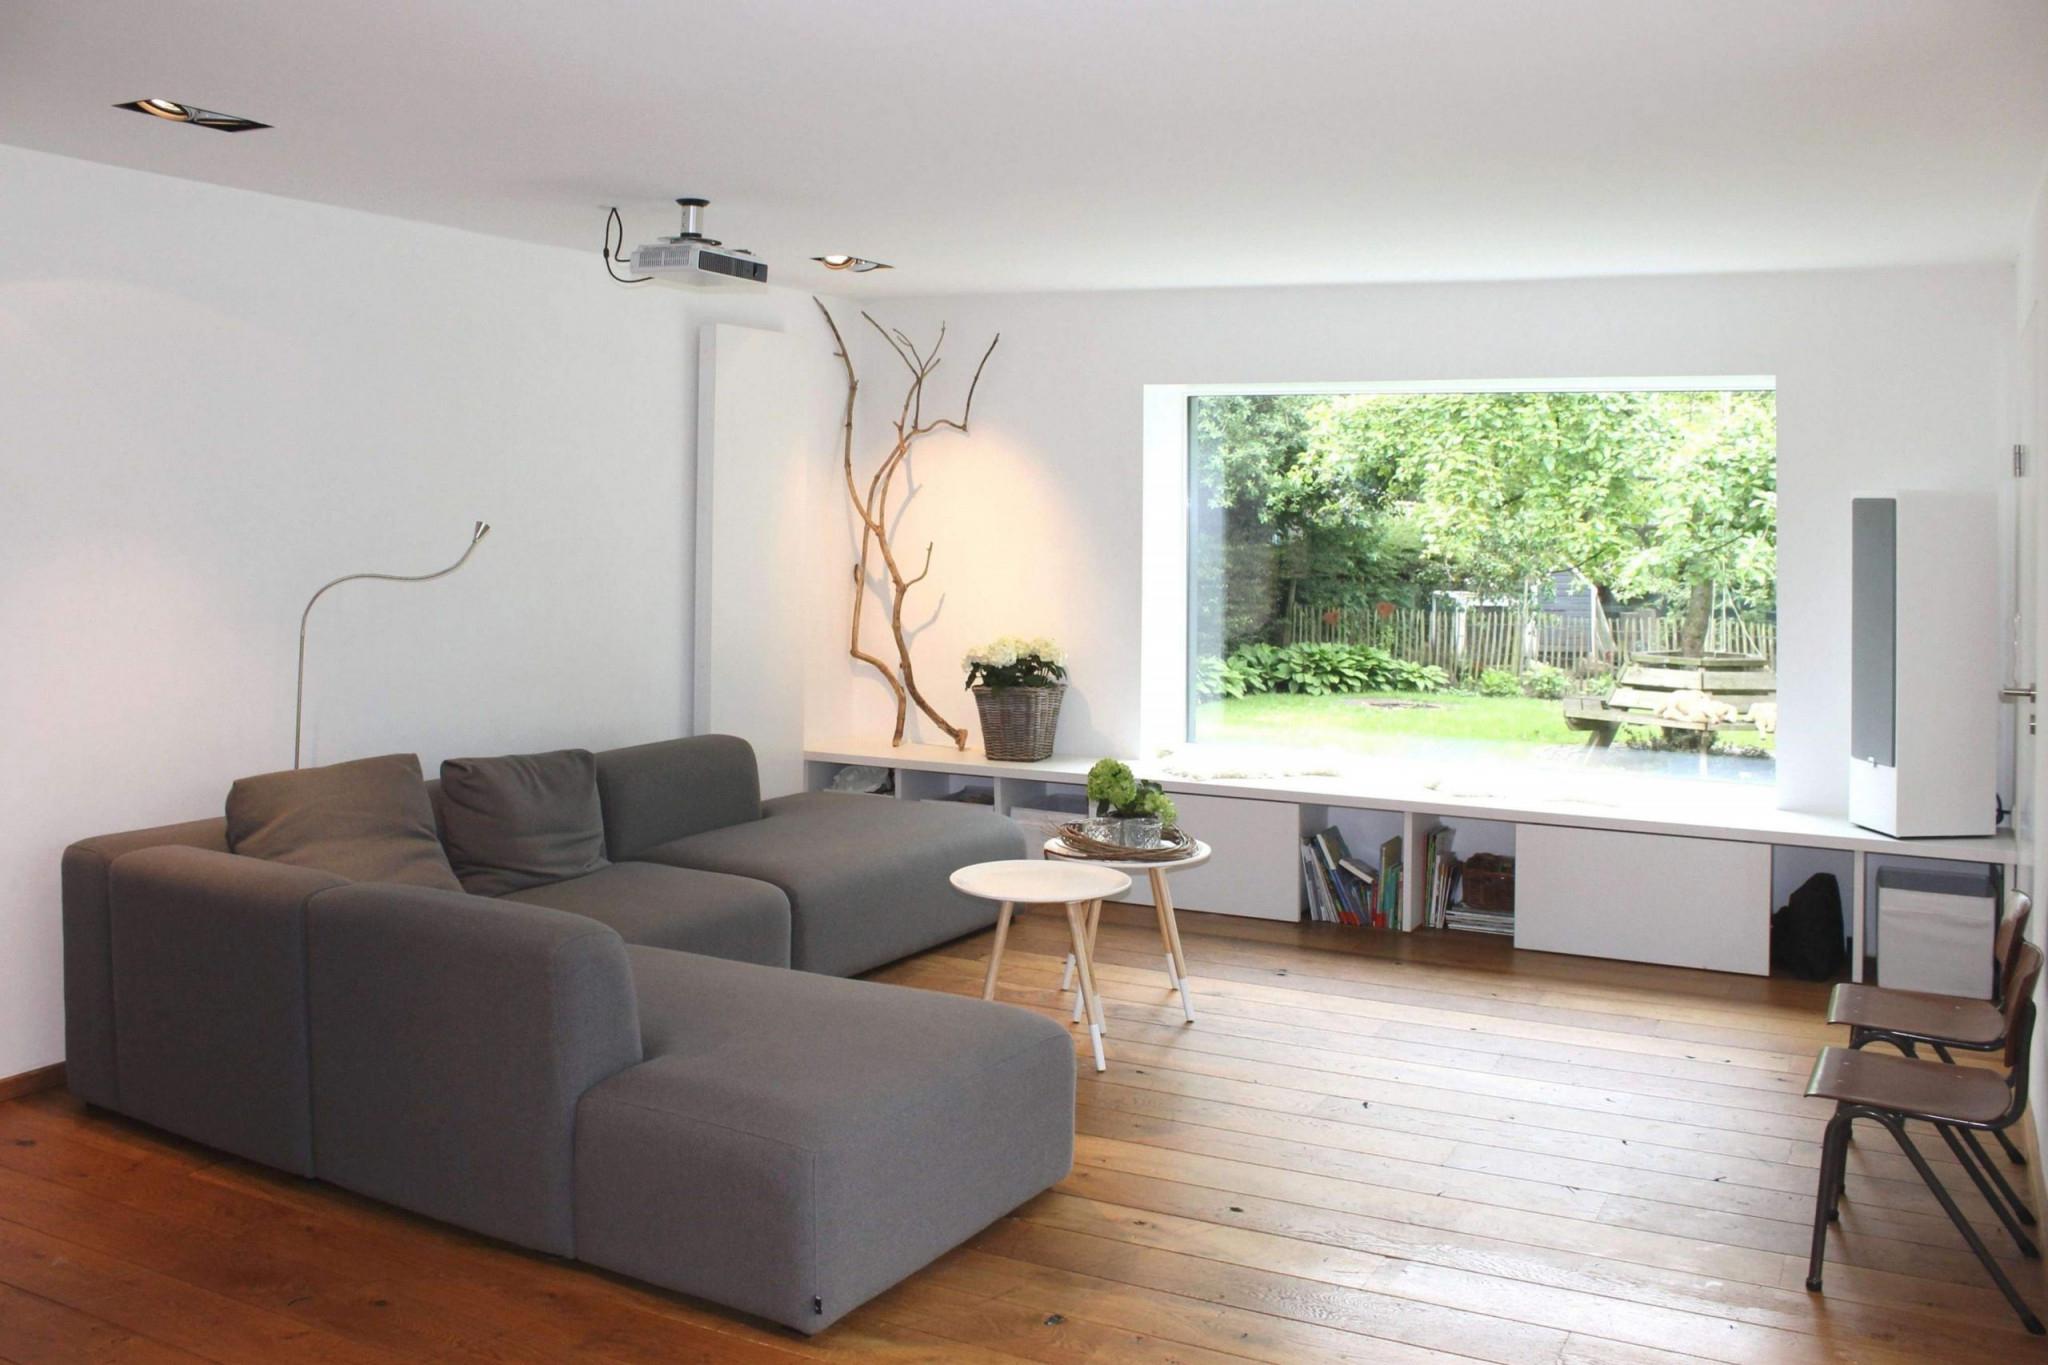 Schmales Wohnzimmer Einzigartig 28 Inspirierend Bild von Schmales Wohnzimmer Ideen Bild